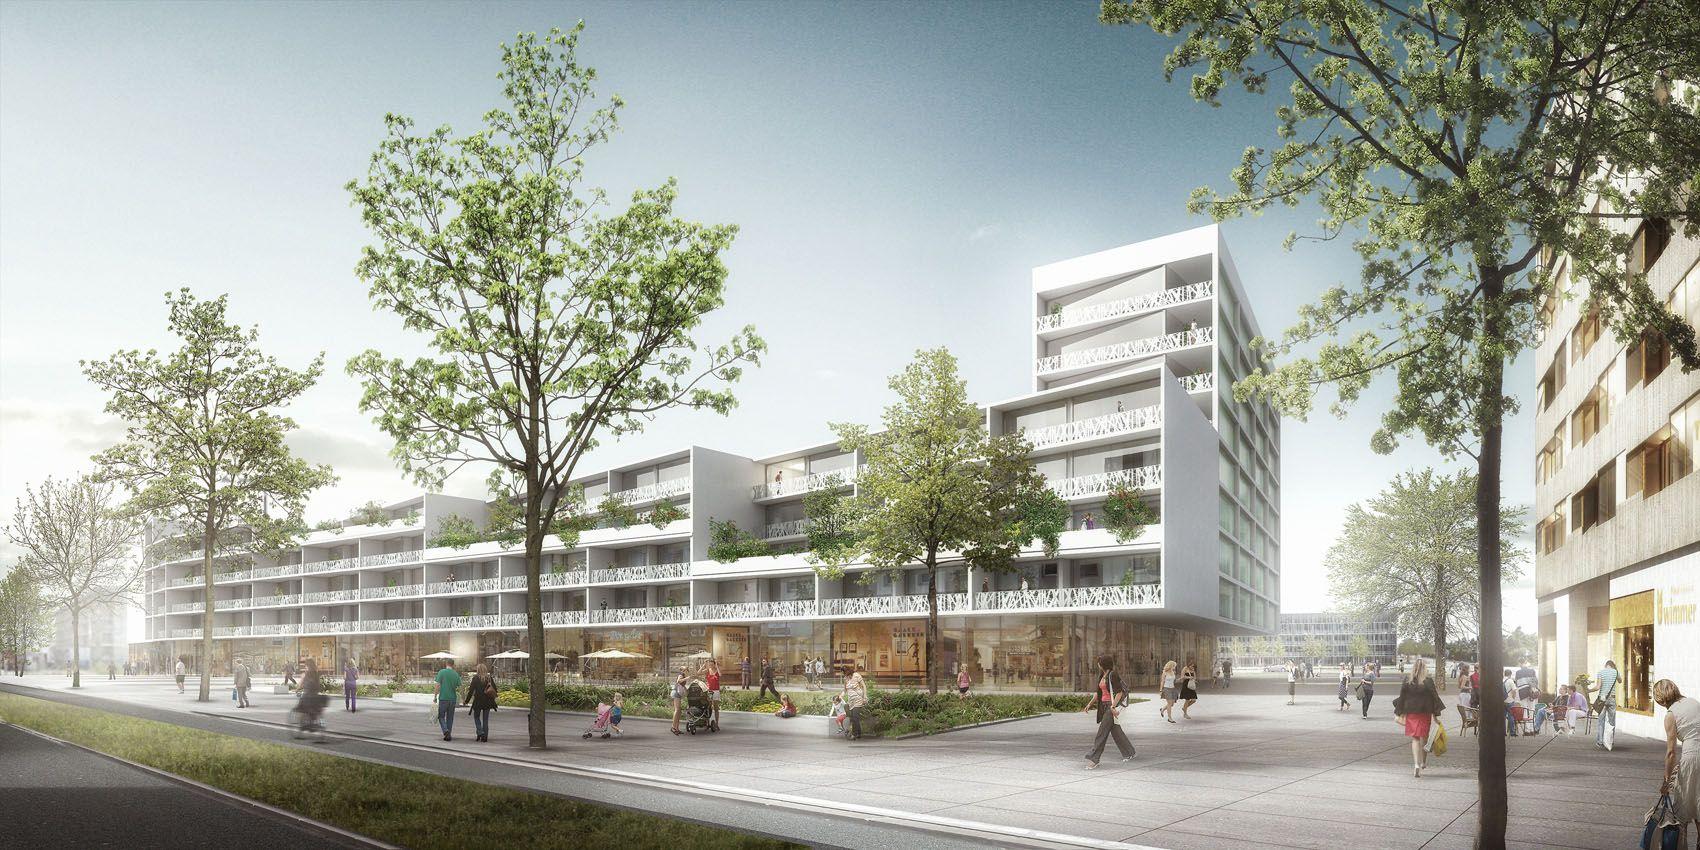 3d Visualisierung München 3d architektur visualisierung für kresings architekten aus münster